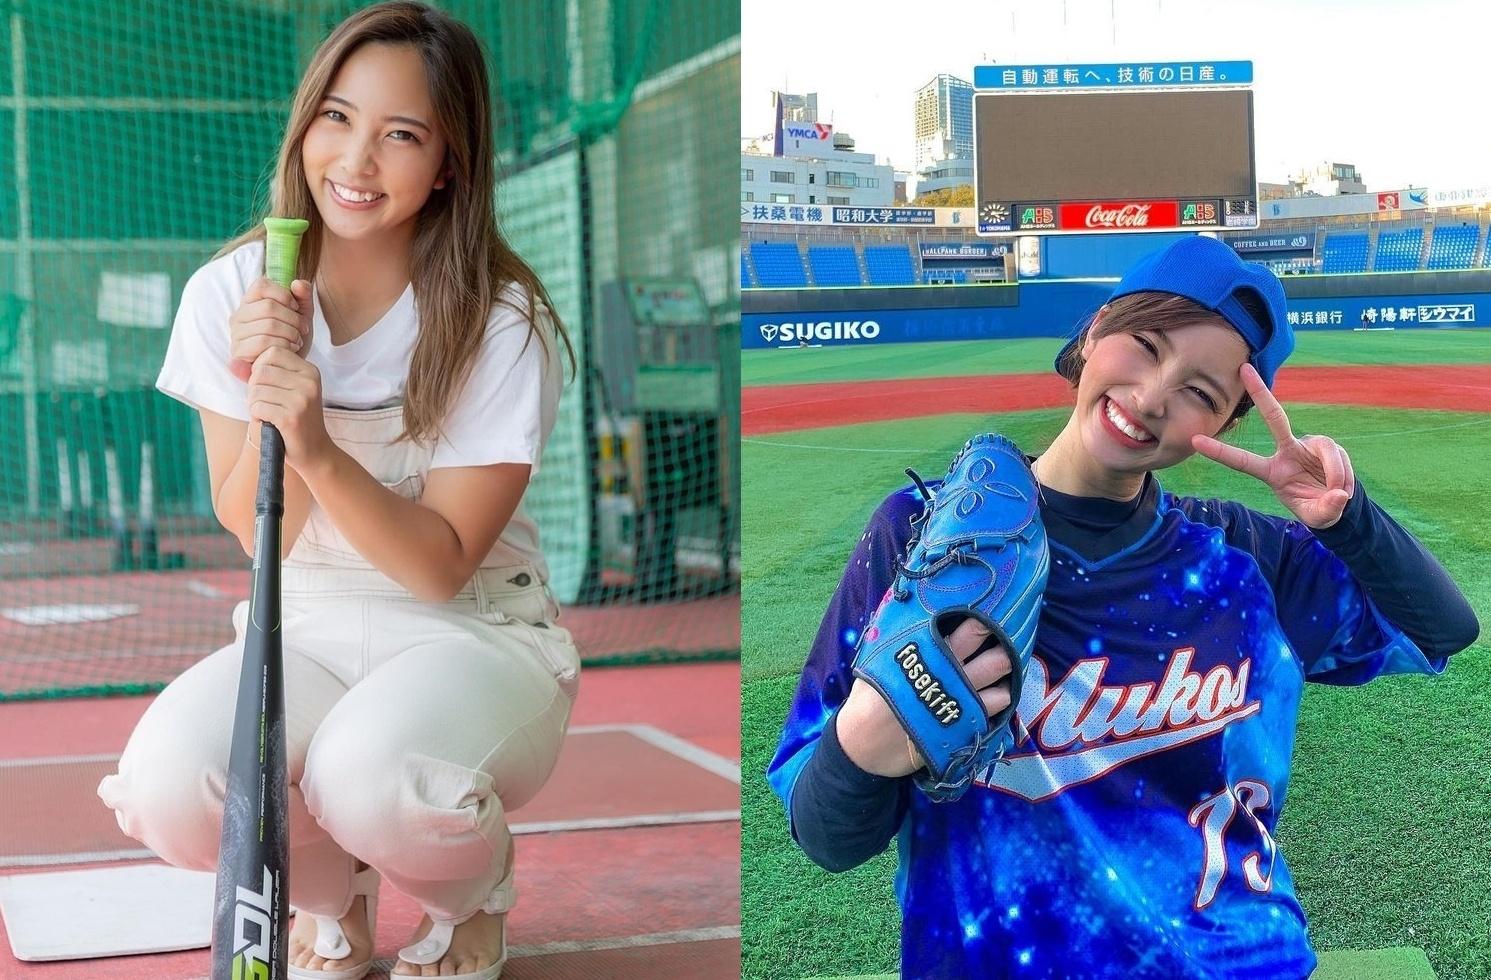 正妹棒球YouTuber「笹川萌」神之左腕轻松飙出120公里 灿笑露虎牙更是萌到一个犯规-喵喵女